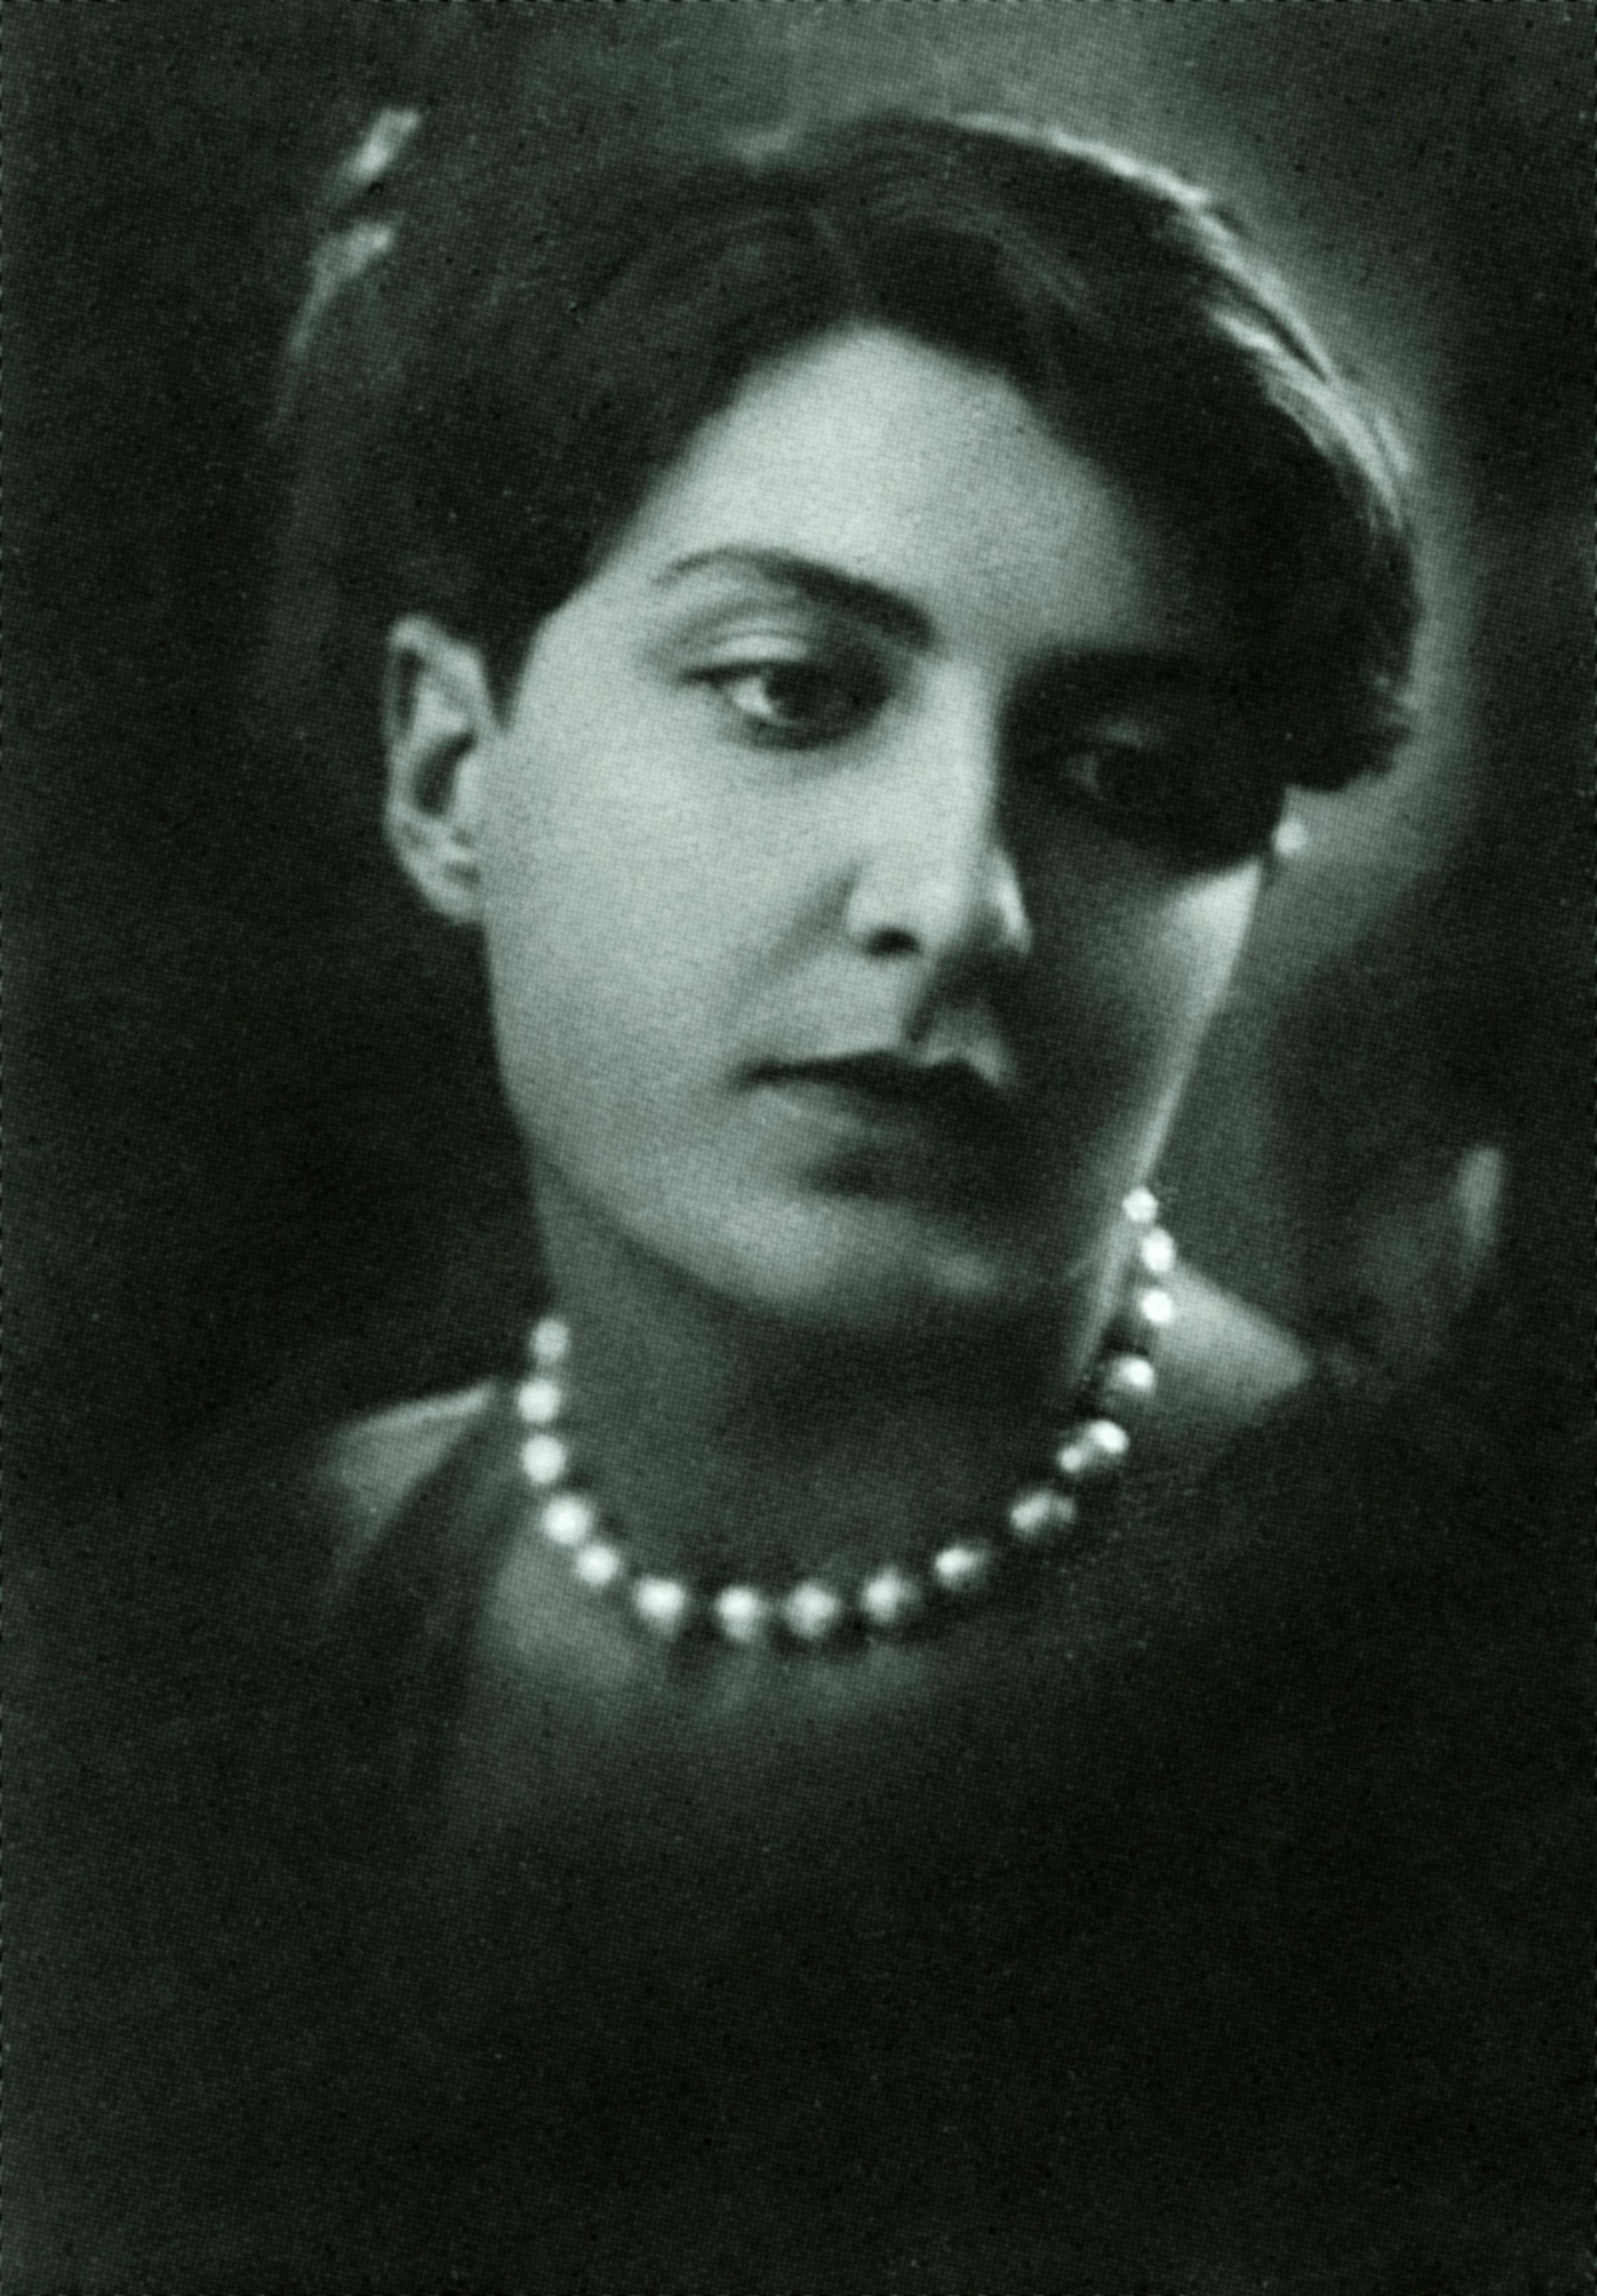 Фотография Марии Багратиони, хранившаяся в документах Симона Вирсаладзе